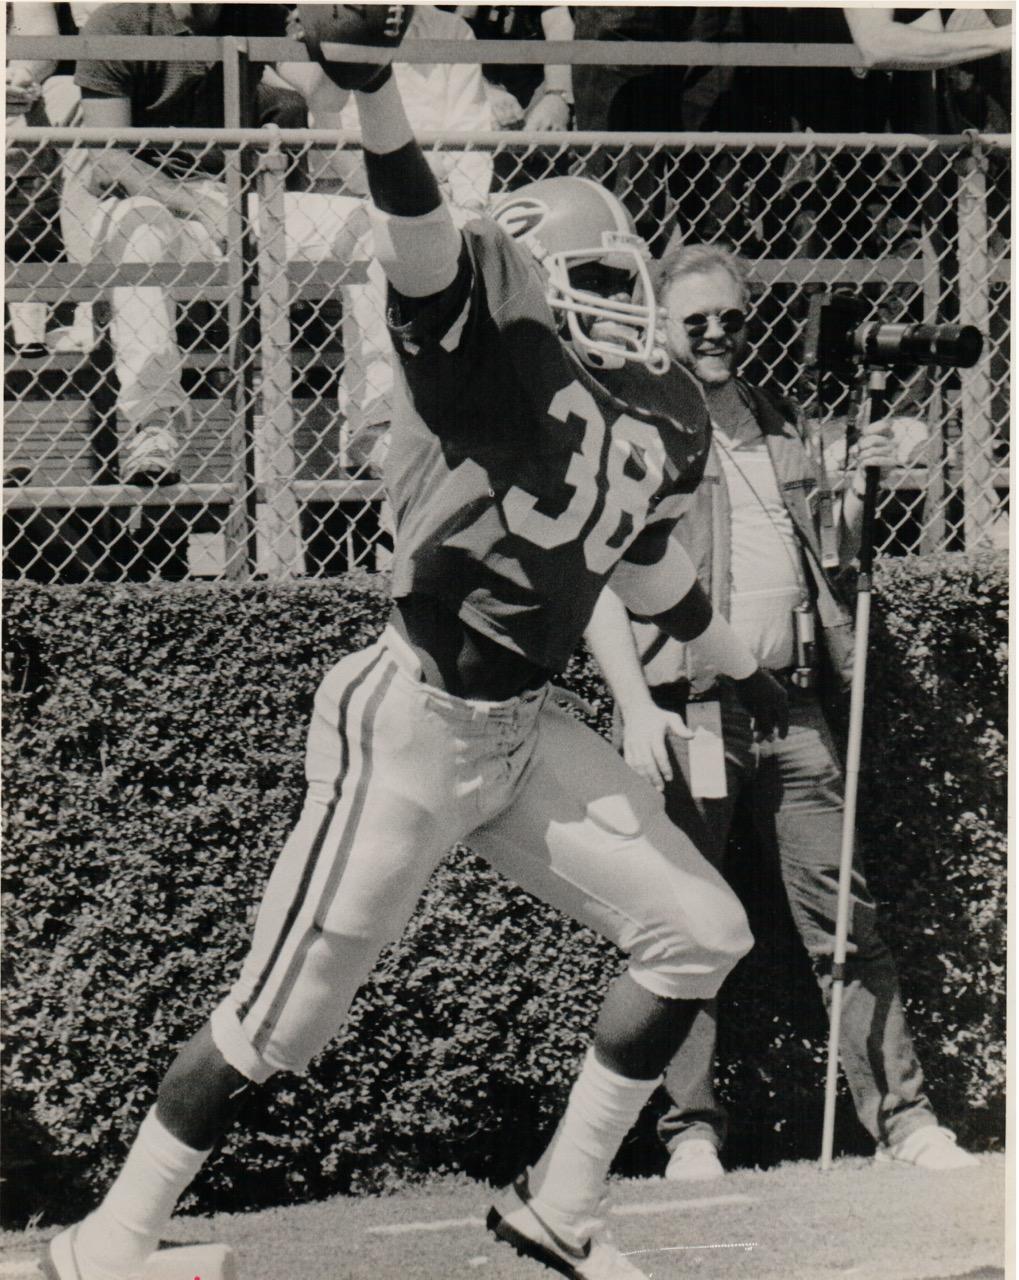 Image courtesy of University of Georgia Athletic Dept.